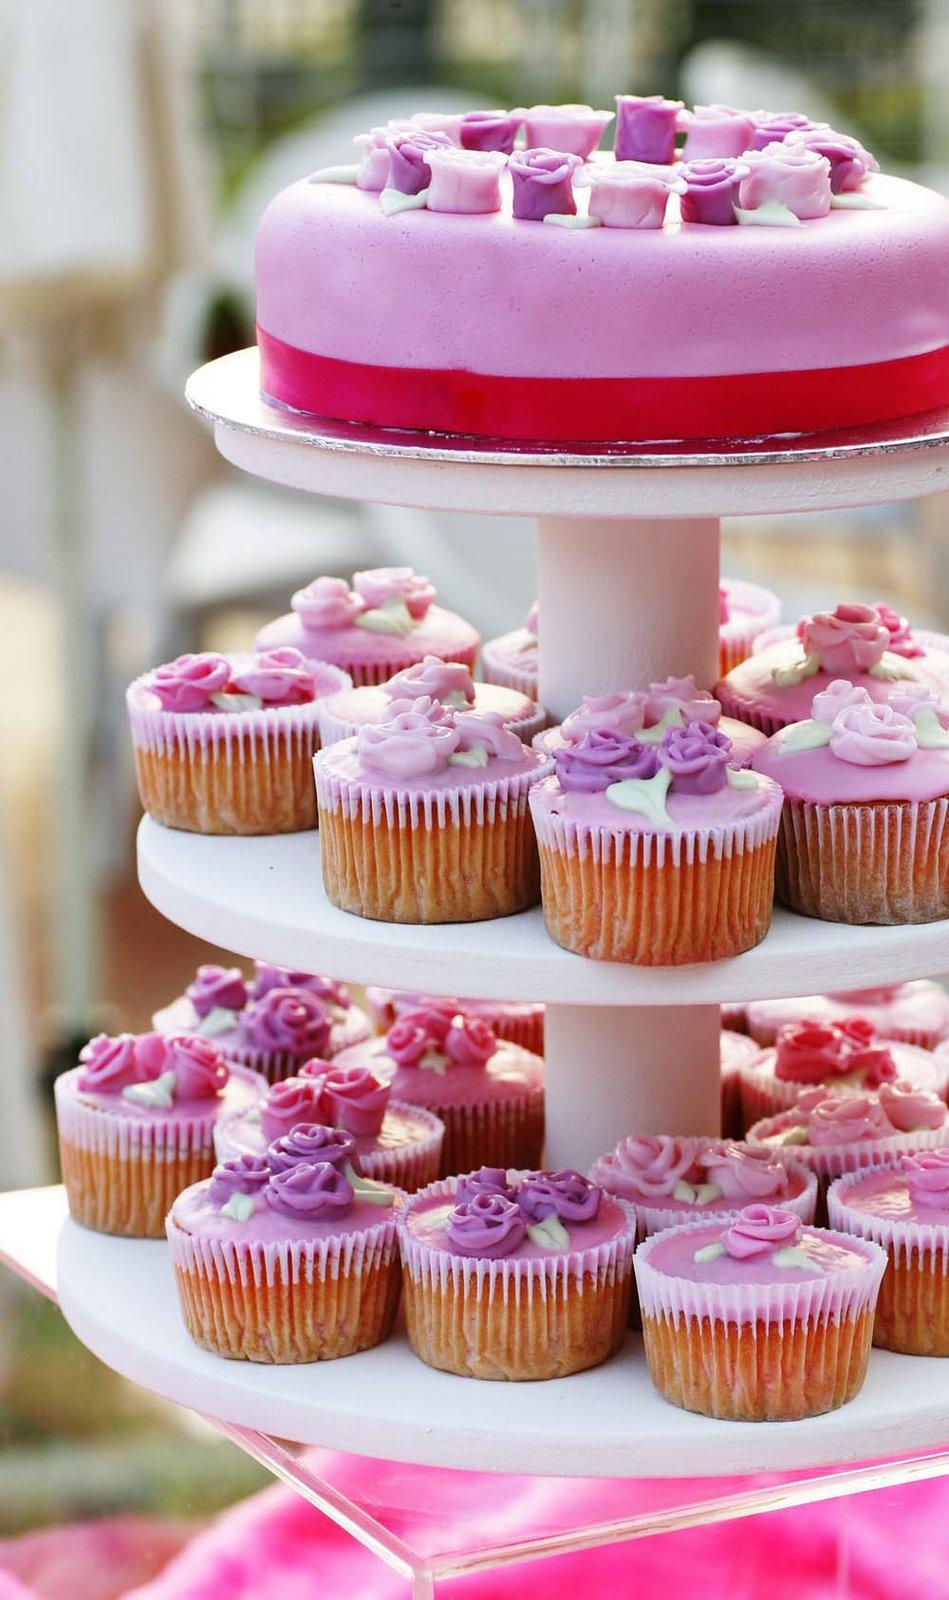 [Pinkcake]